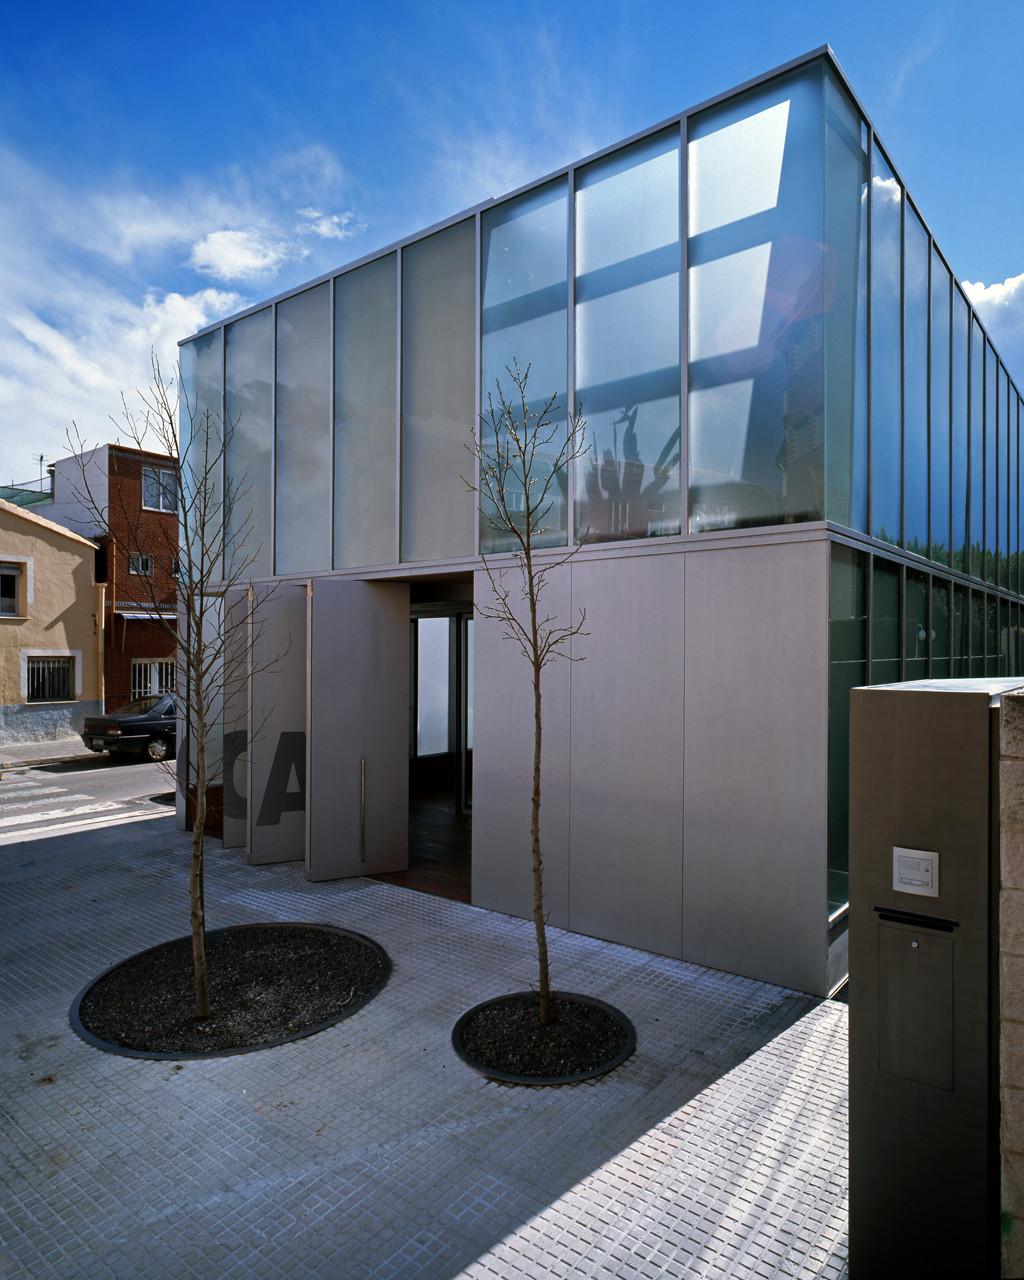 Sede del Colegio de Arquitectos de la Safor / Orts-Trullenque Arquitectos, © Diego Opazo